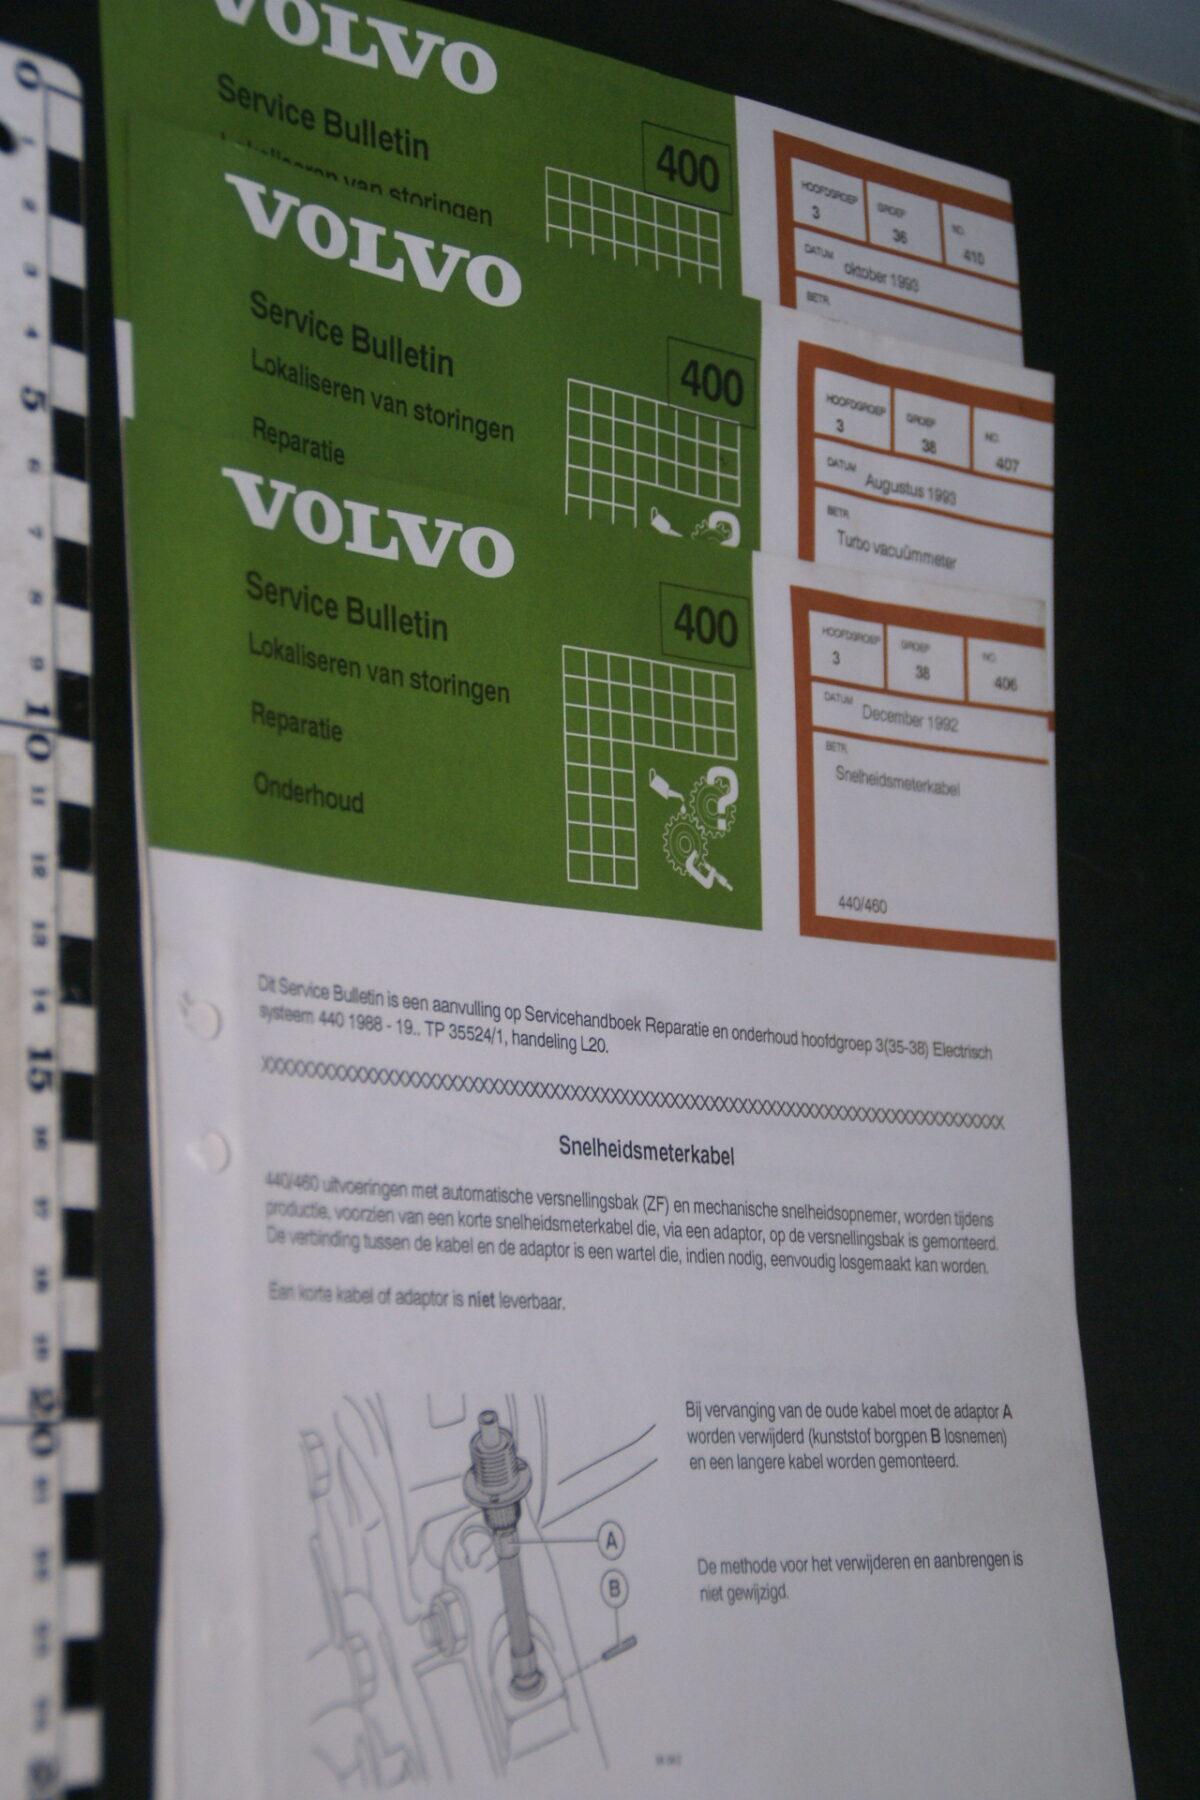 DSC09046 1993 origineel  Volvo 400 servicebulletin meters en kabels en meer